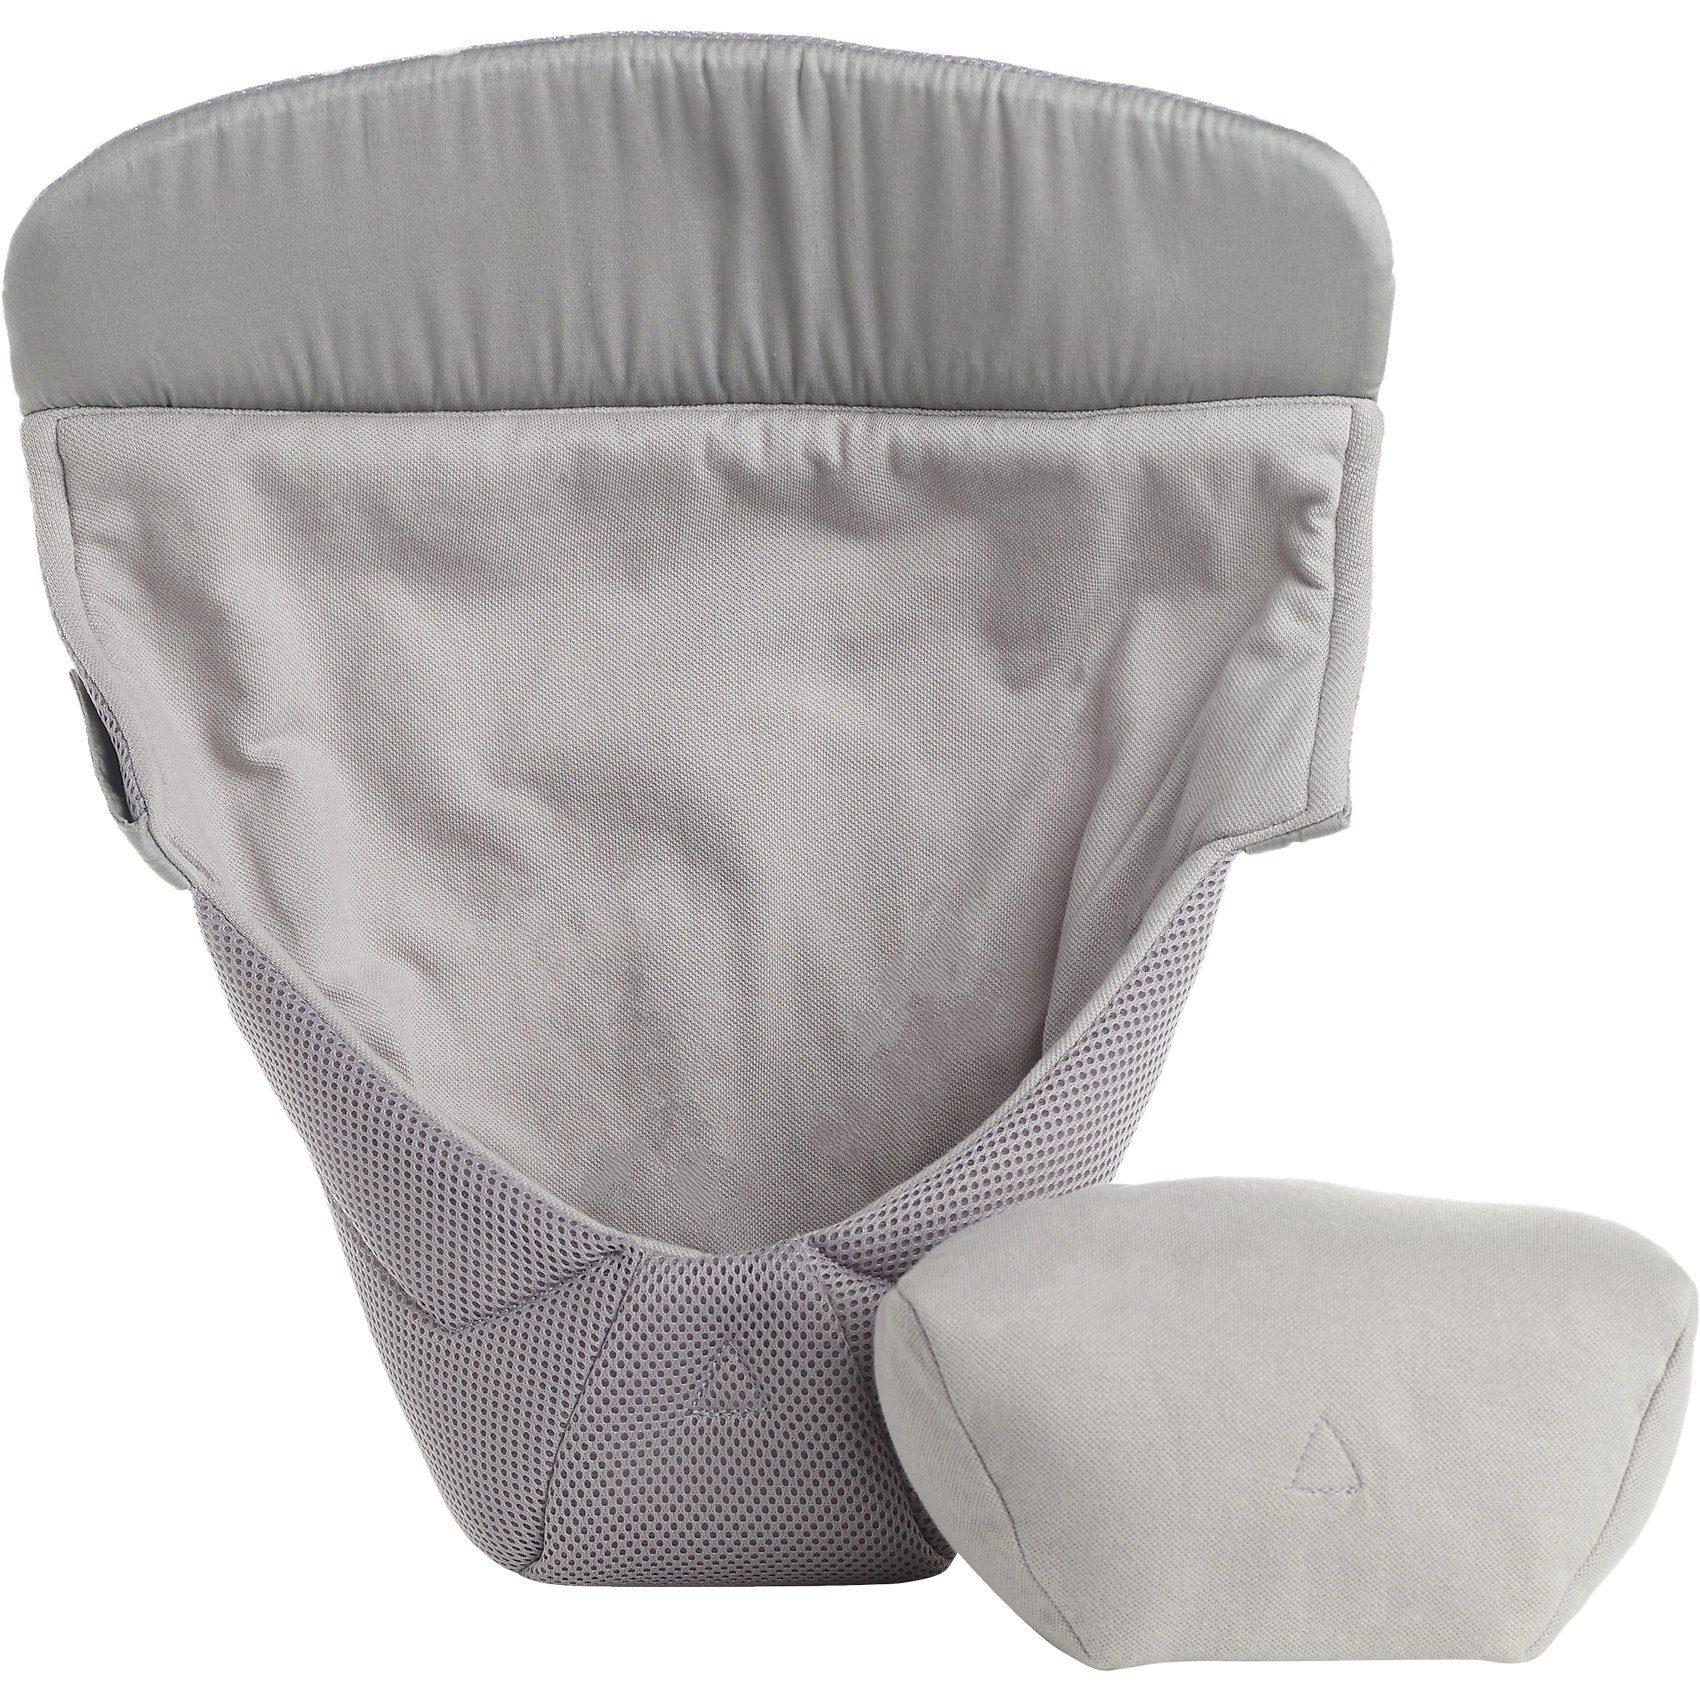 Ergobaby Neugeborenen-Einsatz Easy Snug, Cool Air Mesh, Grey